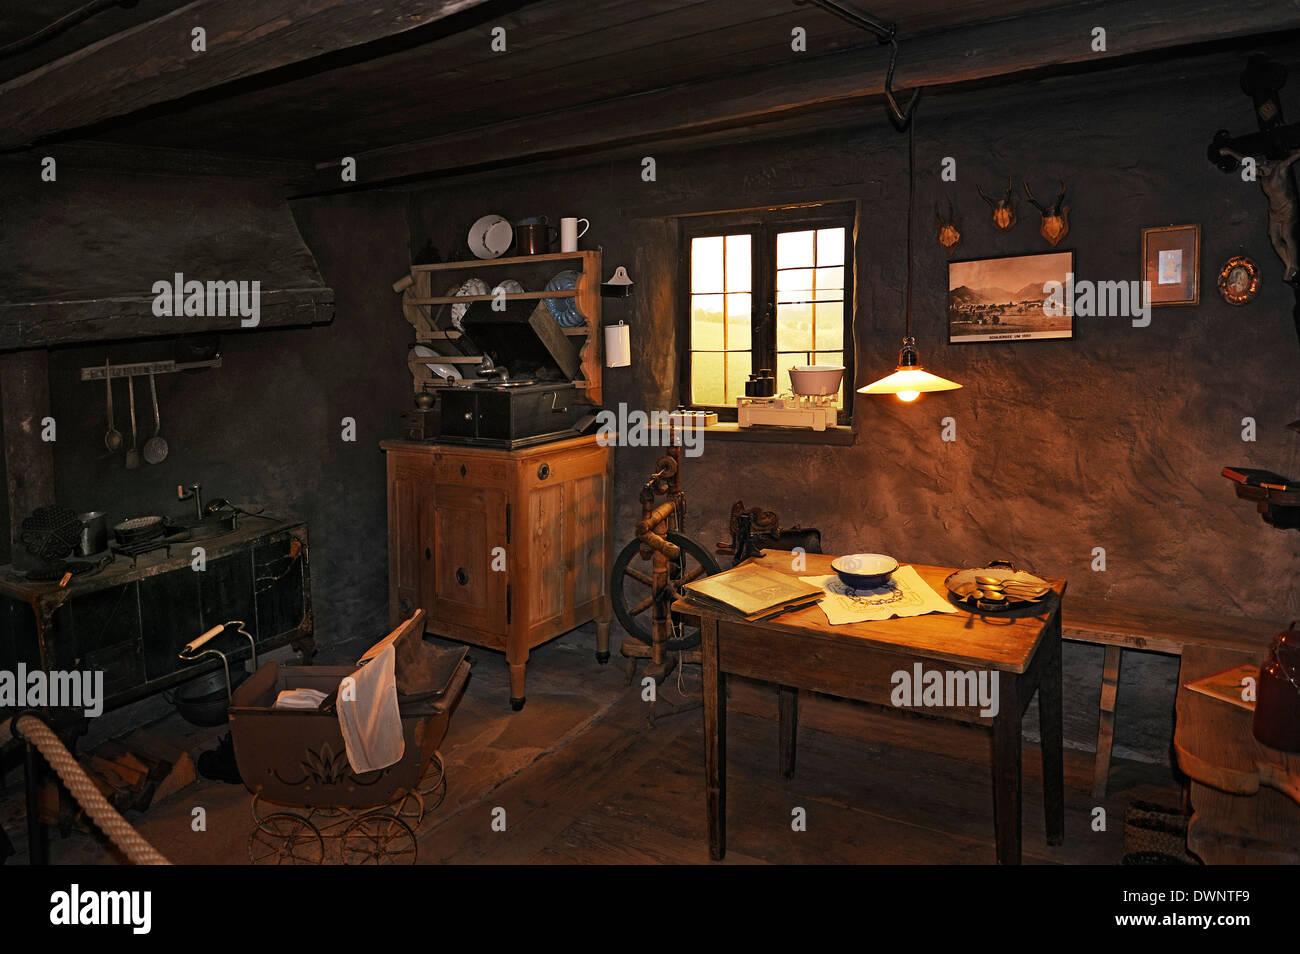 Kuchen In Deutschland Stockfotos Kuchen In Deutschland Bilder Alamy